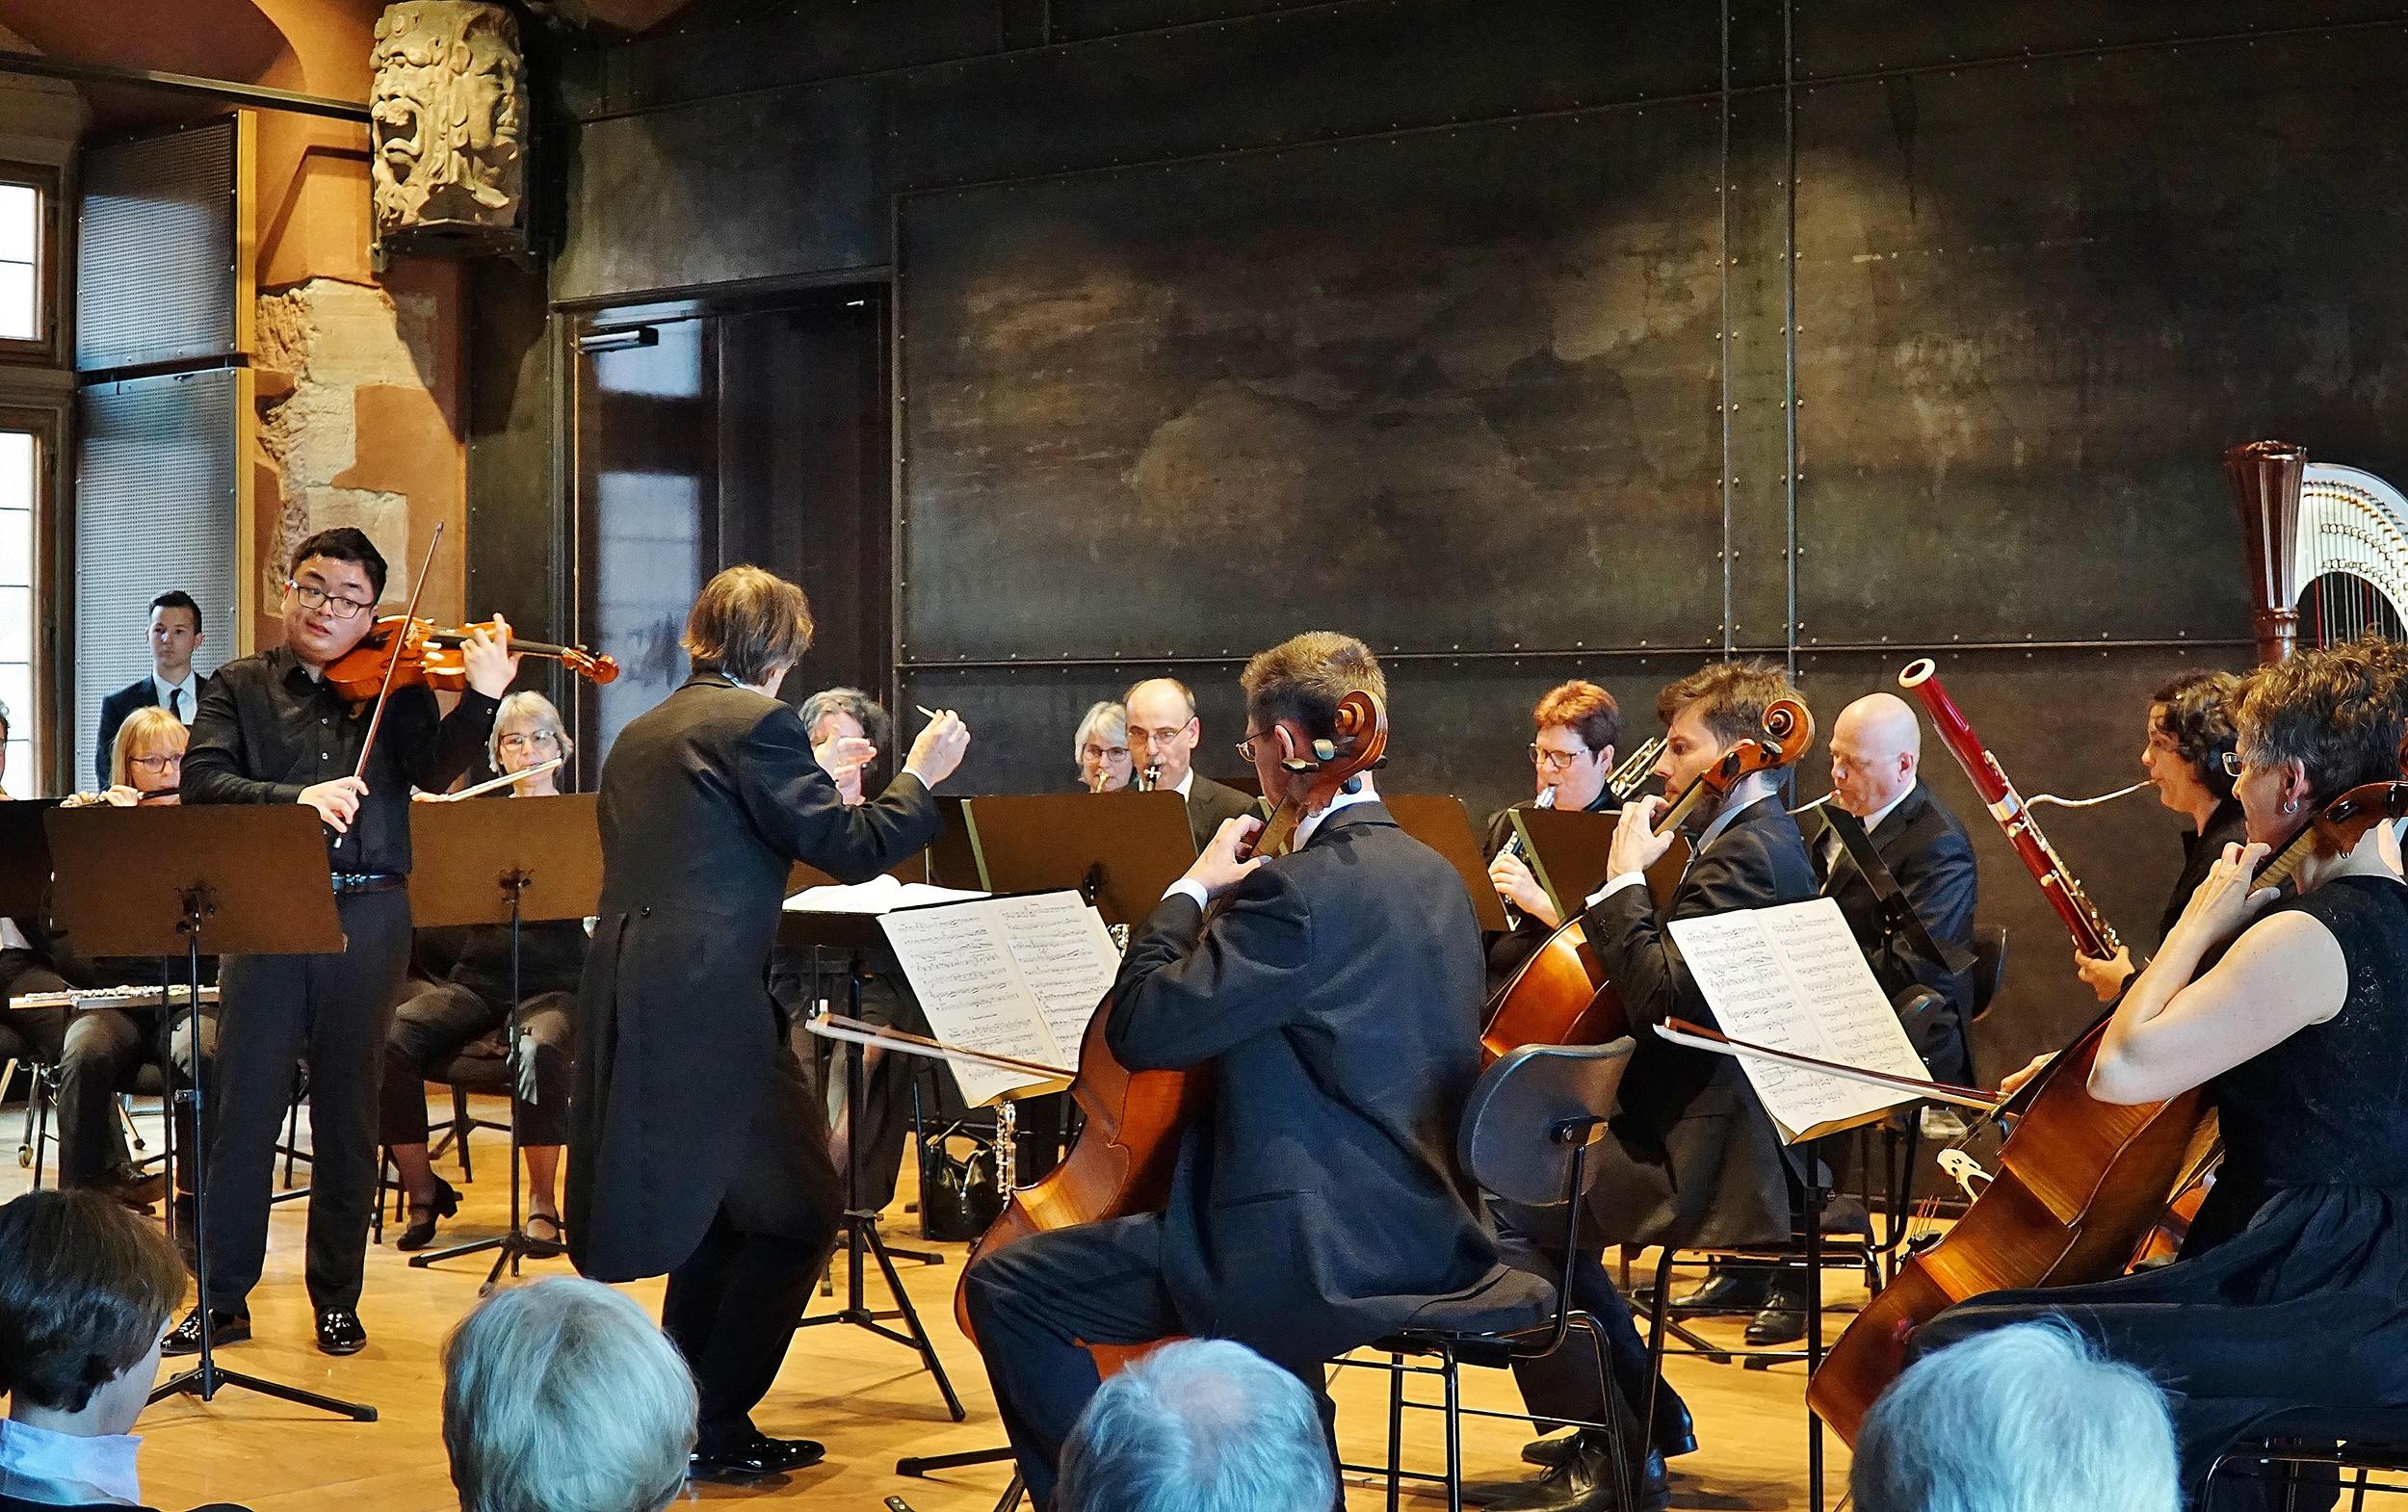 Collegium Musicum: Bratschenvirtuose Diyang Mei fasziniert mit Hindemiths »Schwanendreher« – Serenaden von Dvorak und Brahms